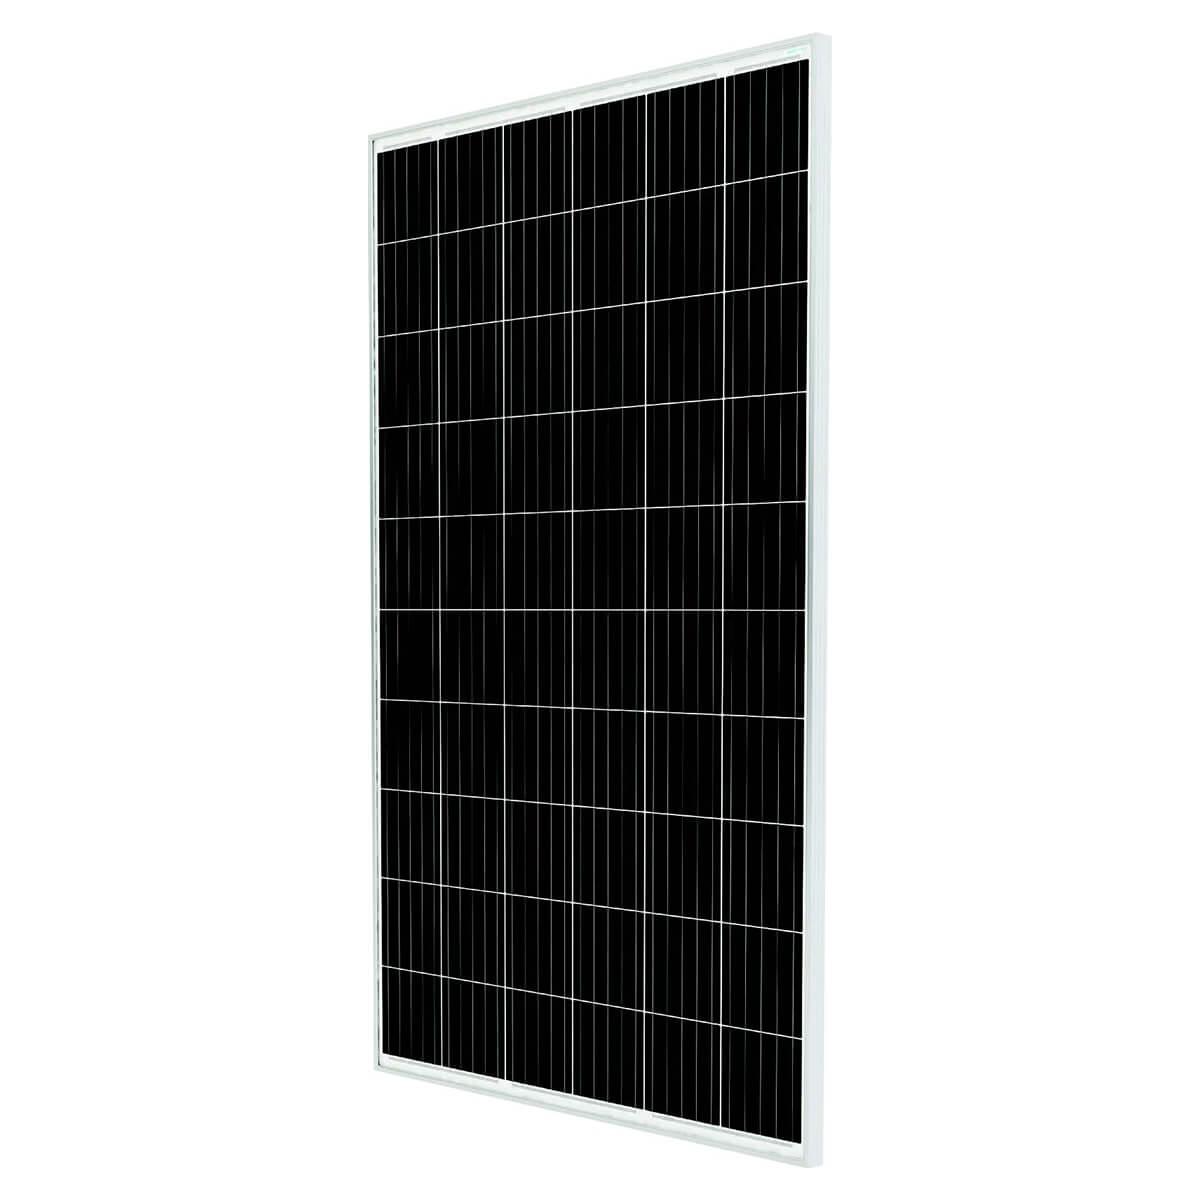 tommatech 325W panel, tommatech 325Watt panel, tommatech 325 W panel, tommatech 325 Watt panel, tommatech 325 Watt monokristal panel, tommatech 325 W watt gunes paneli, tommatech 325 W watt monokristal gunes paneli, tommatech 325 W Watt fotovoltaik monokristal solar panel, tommatech 325W monokristal gunes enerjisi, tommatech TT325-60PM-325W panel, TOMMATECH 325 WATT